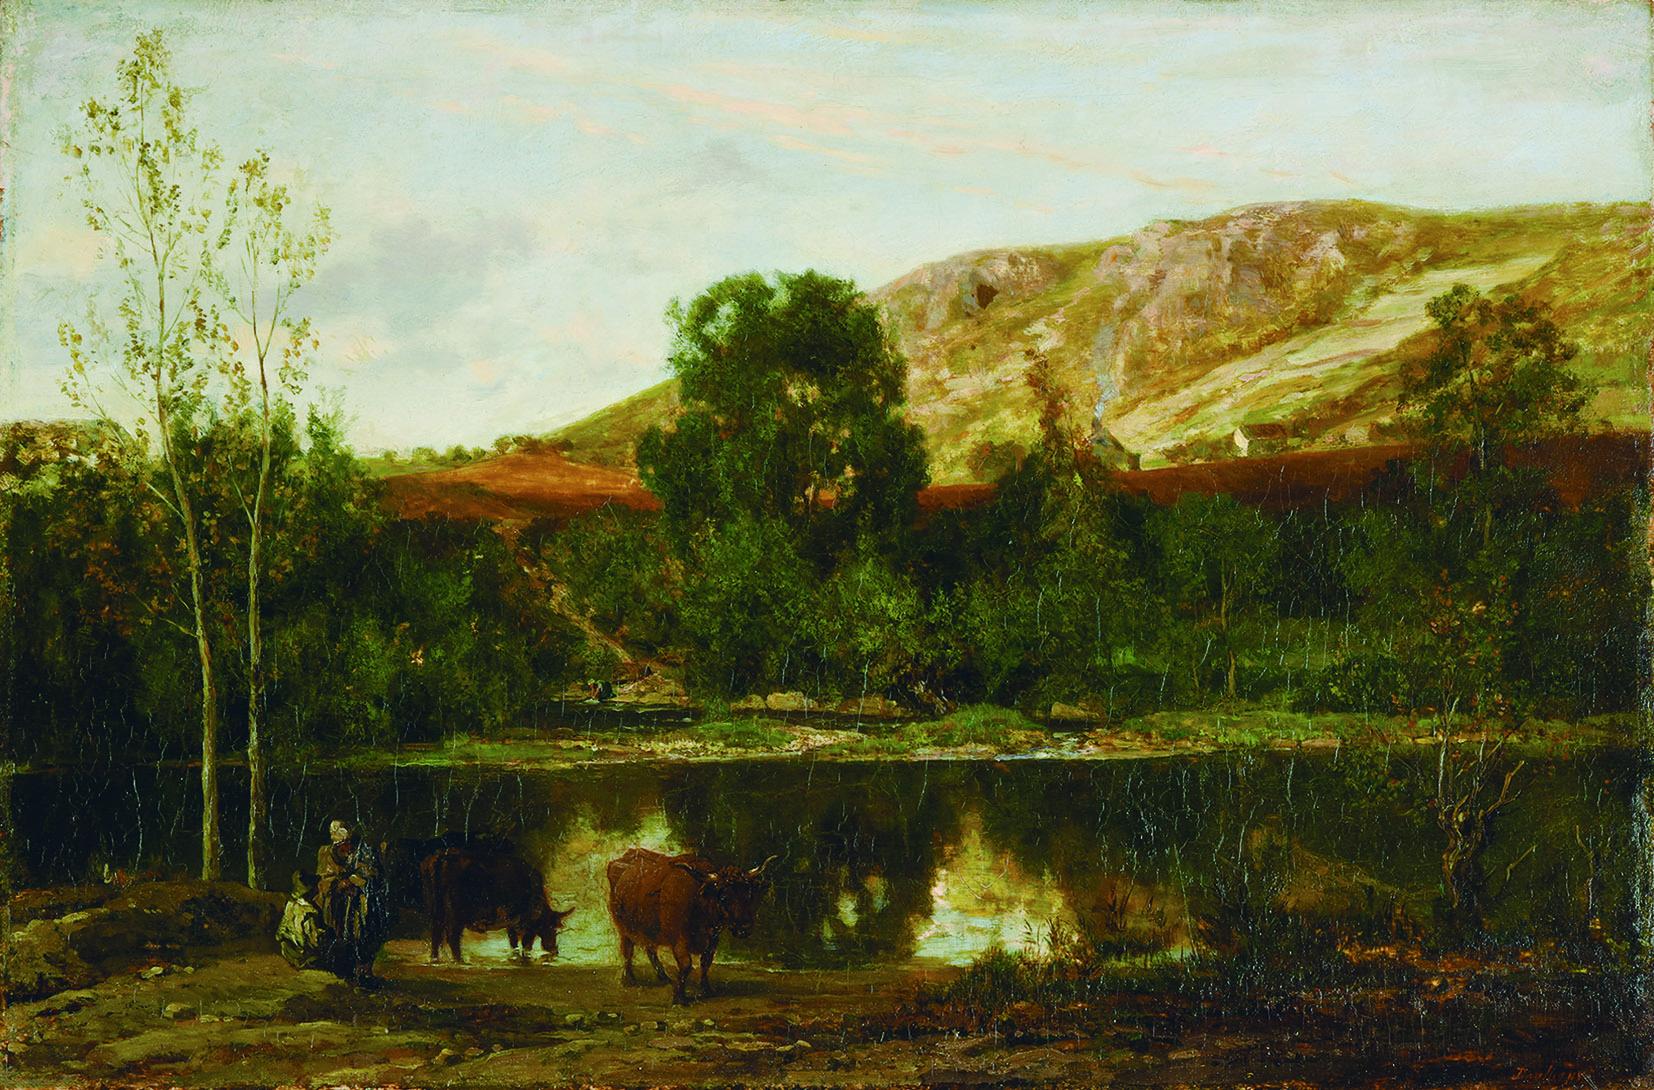 シャルル=フランソワ・ドービニー 《池の風景》 1847年頃 油彩/板 29.7×44.8㎝ ランス美術館 (C)Christian Devleeschauwer